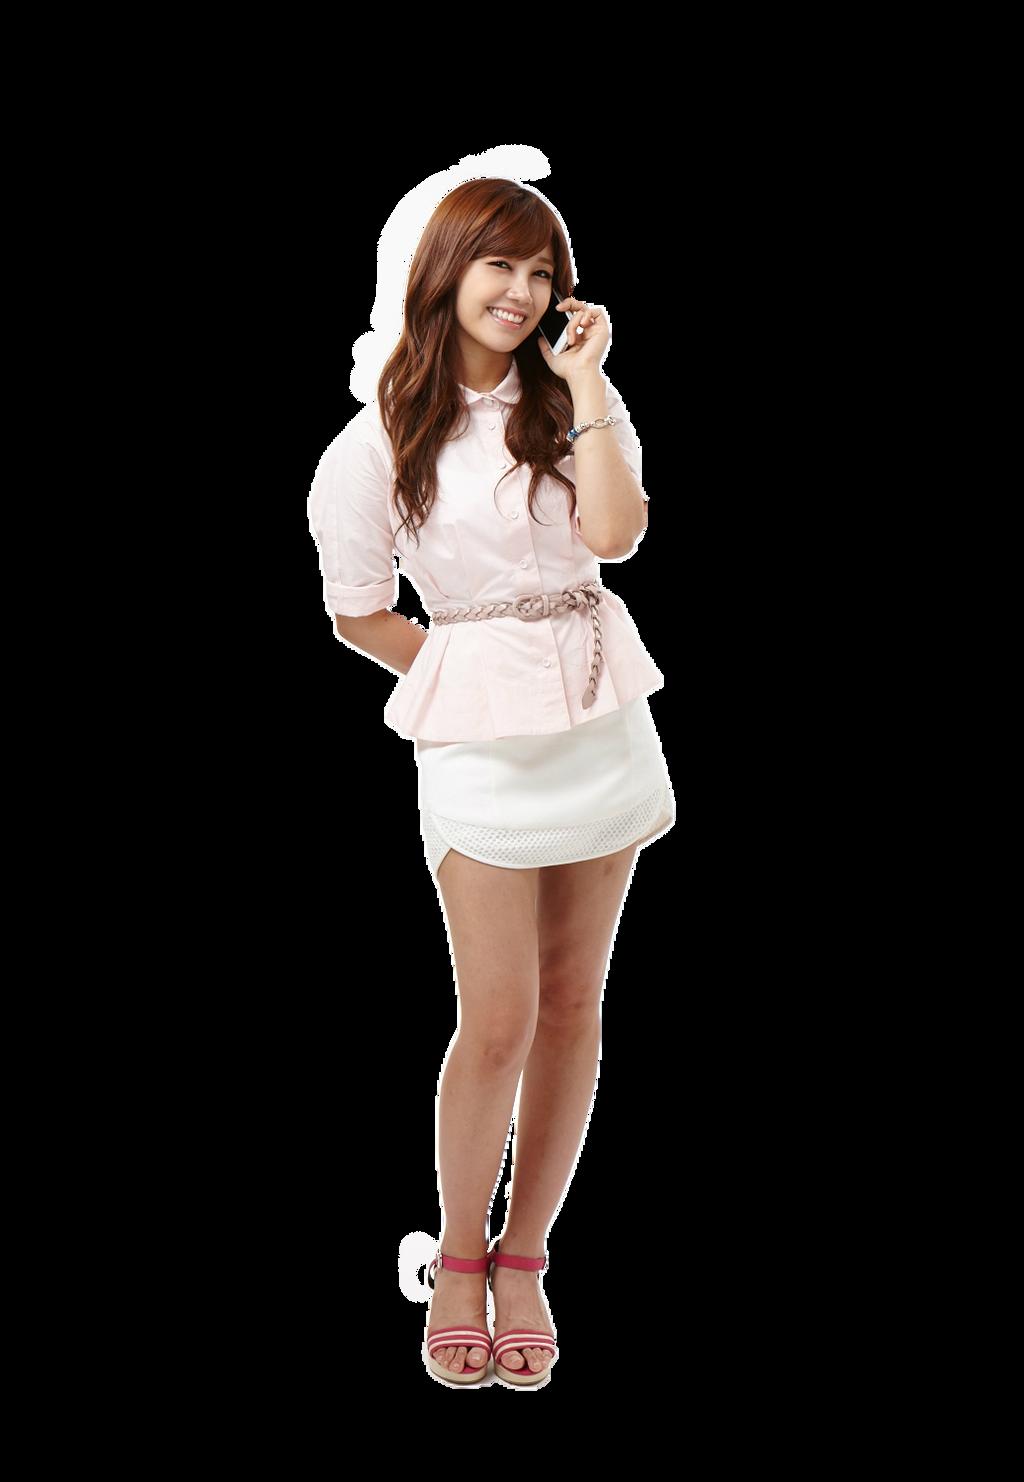 Eunji (Apink) PNG Render by MiHVVN - 464.4KB